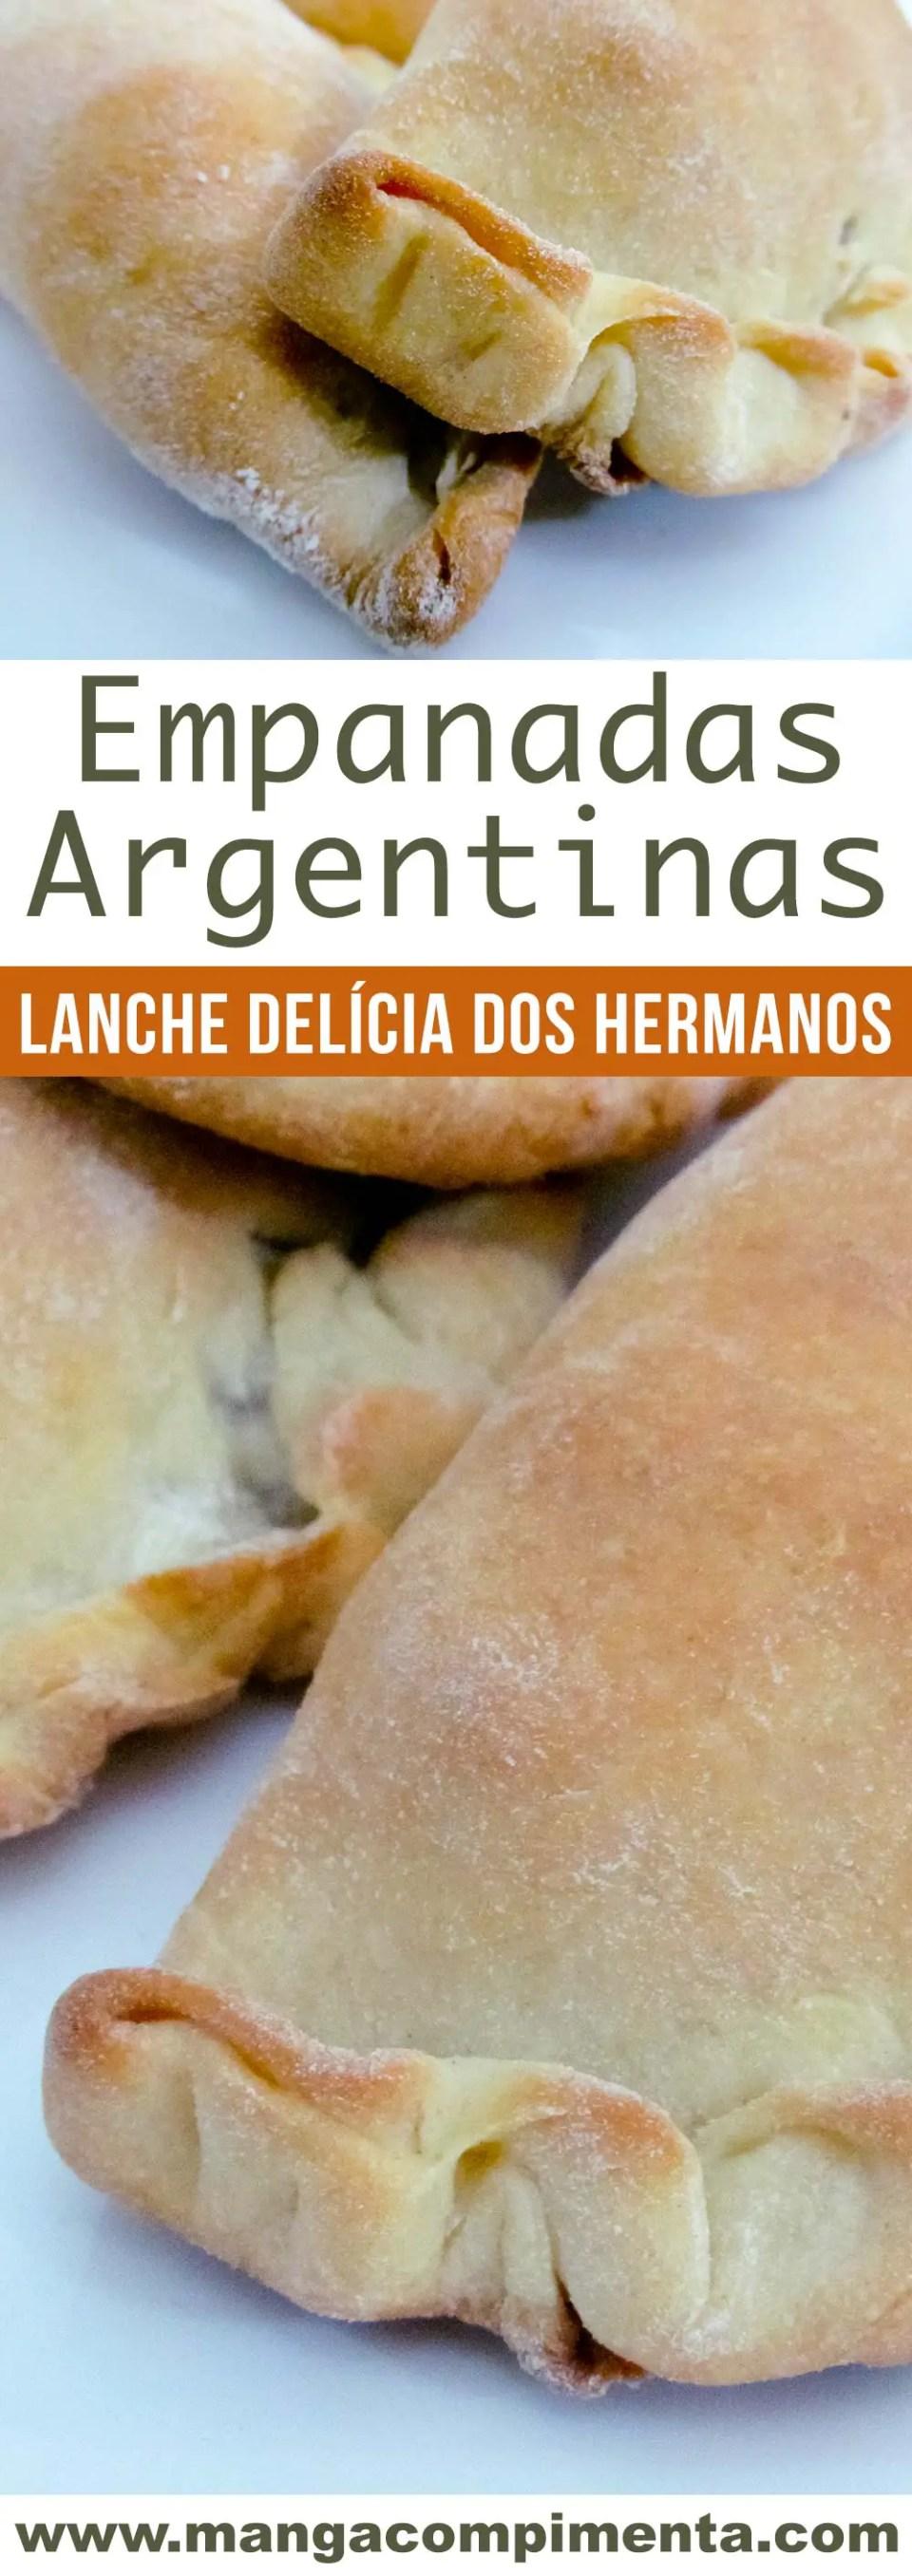 Empanadas Argentinas-uma nova paixão na minha cozinha!